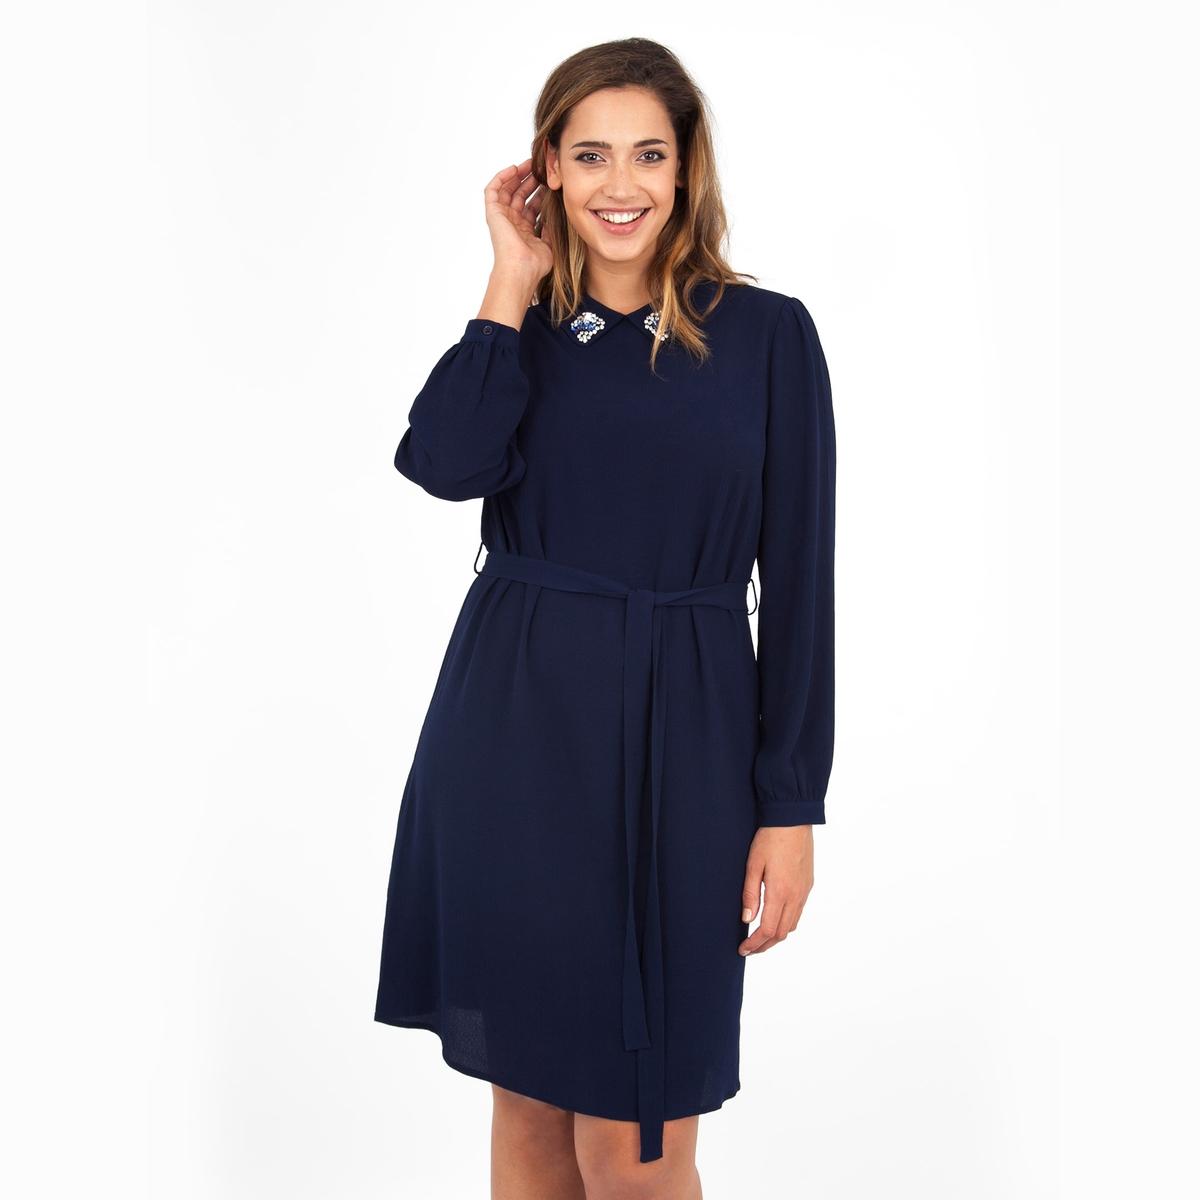 ПлатьеПлатье с длинными рукавами - LOVEDROBE. Красивая отделка выреза. Ремень на поясе. Длина ок.104 см. 100% полиэстера.<br><br>Цвет: темно-синий<br>Размер: 58/60 (FR) - 64/66 (RUS).46 (FR) - 52 (RUS)